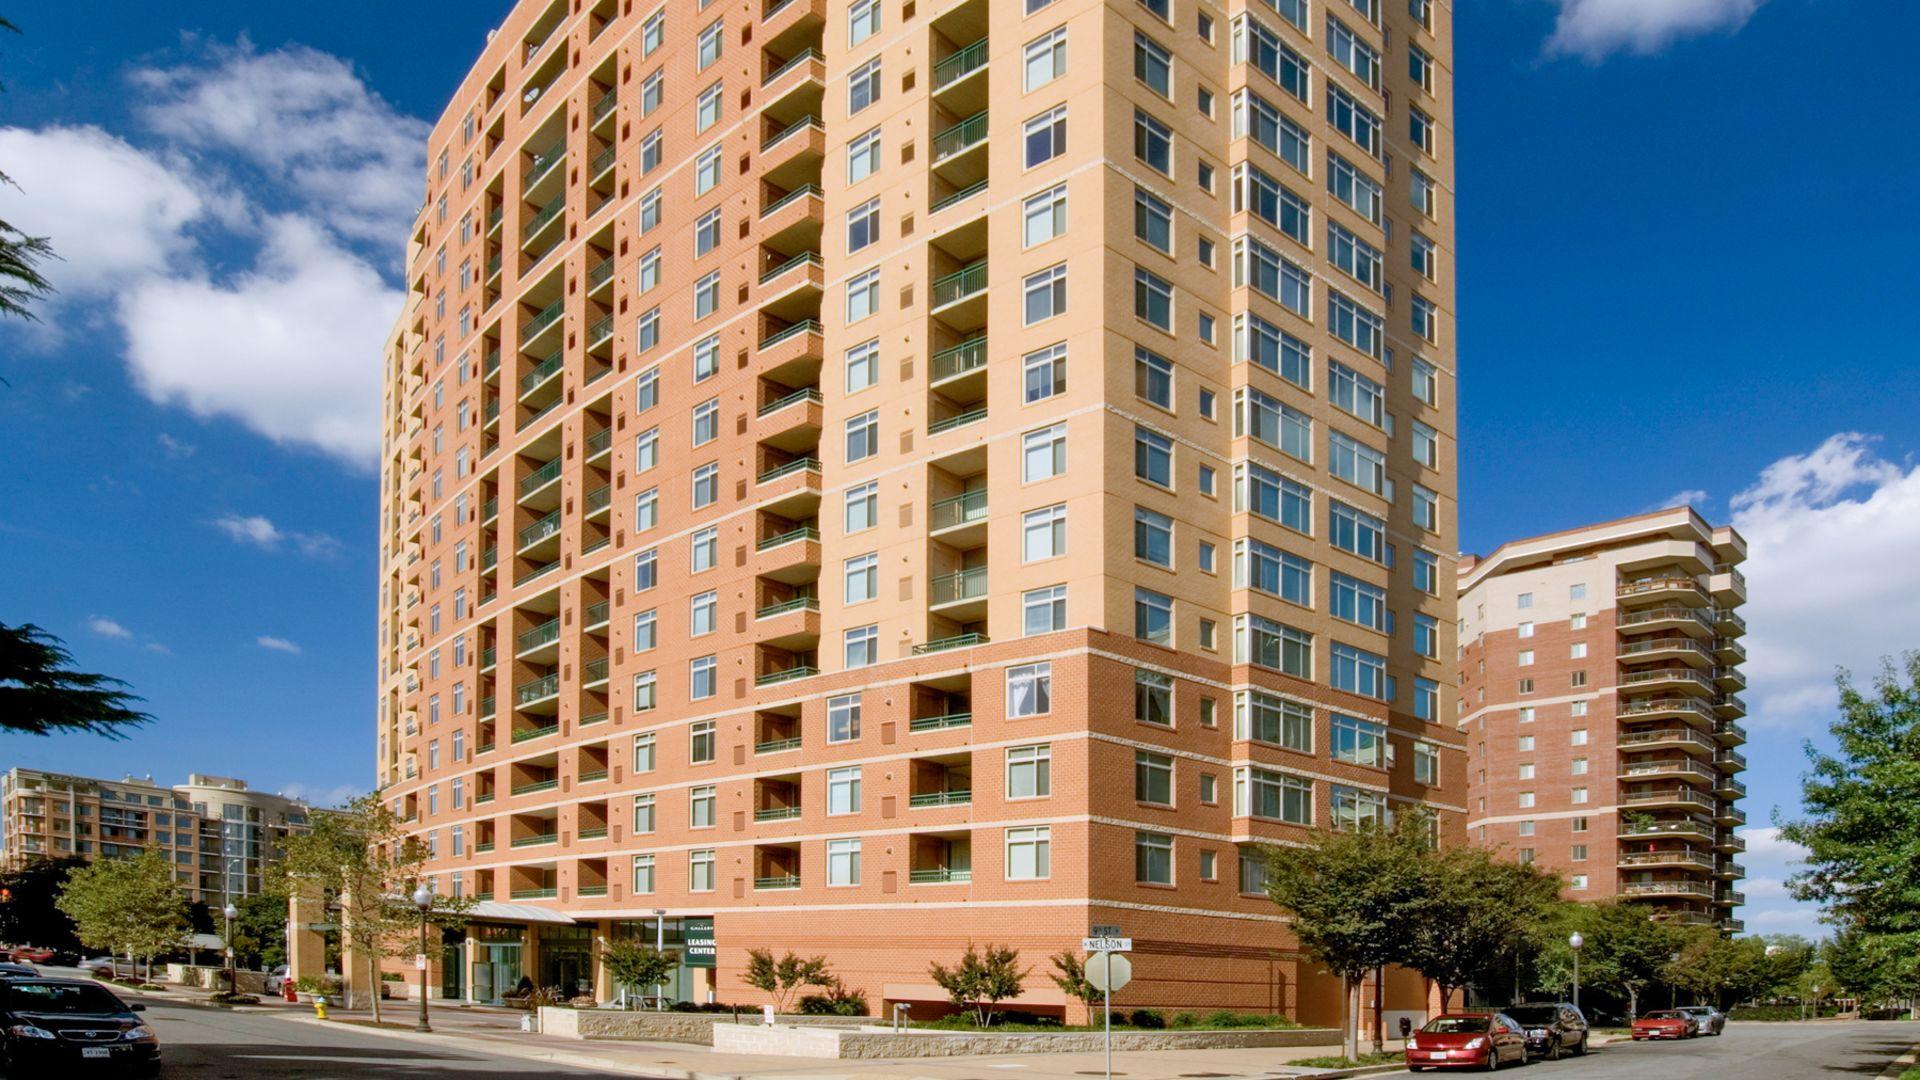 Virginia Square Apartments - Building